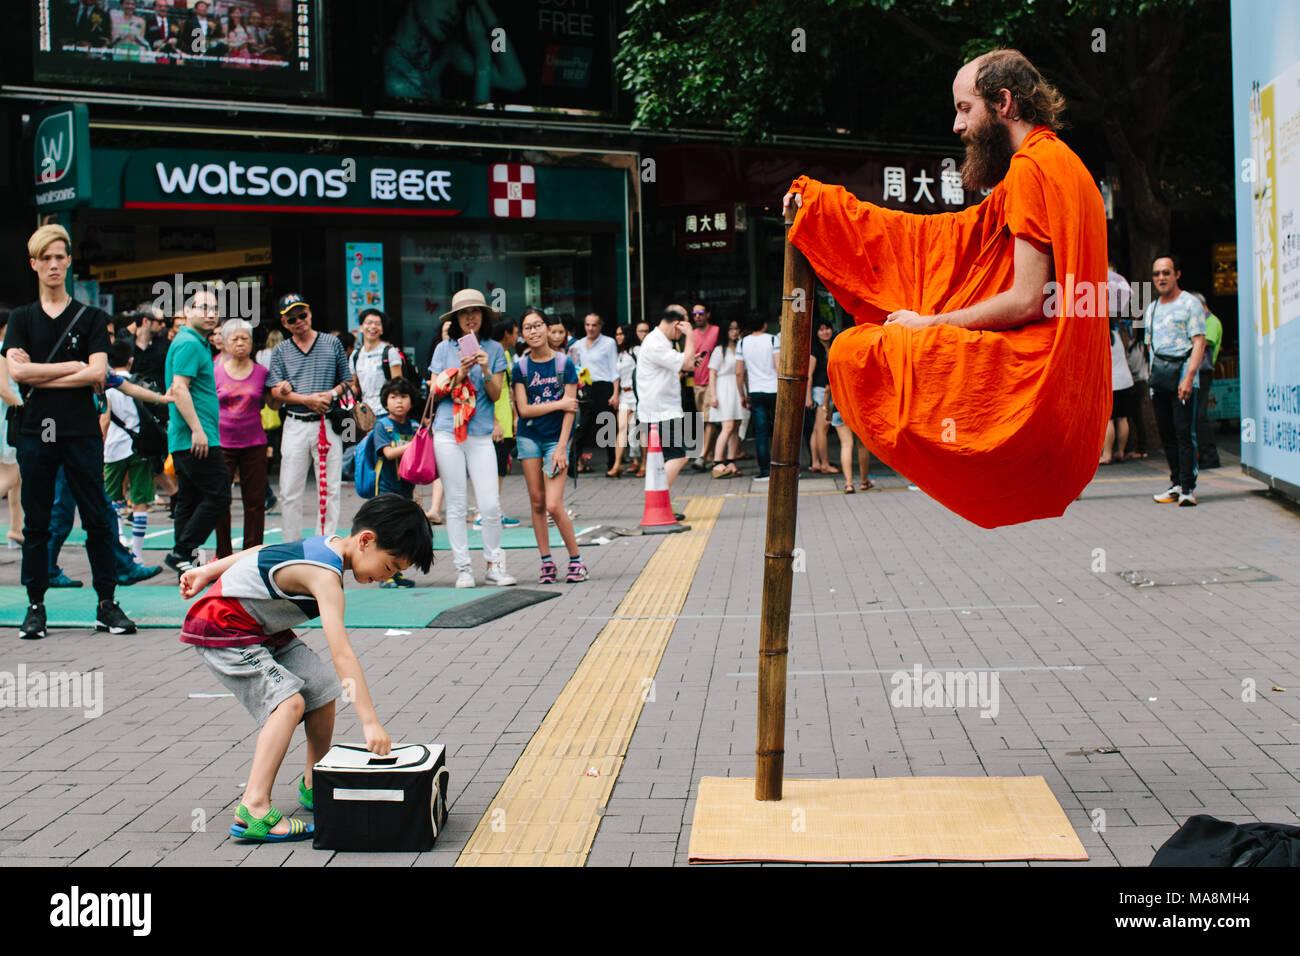 Un animatore uomo vestito come un monaco buddista levita in